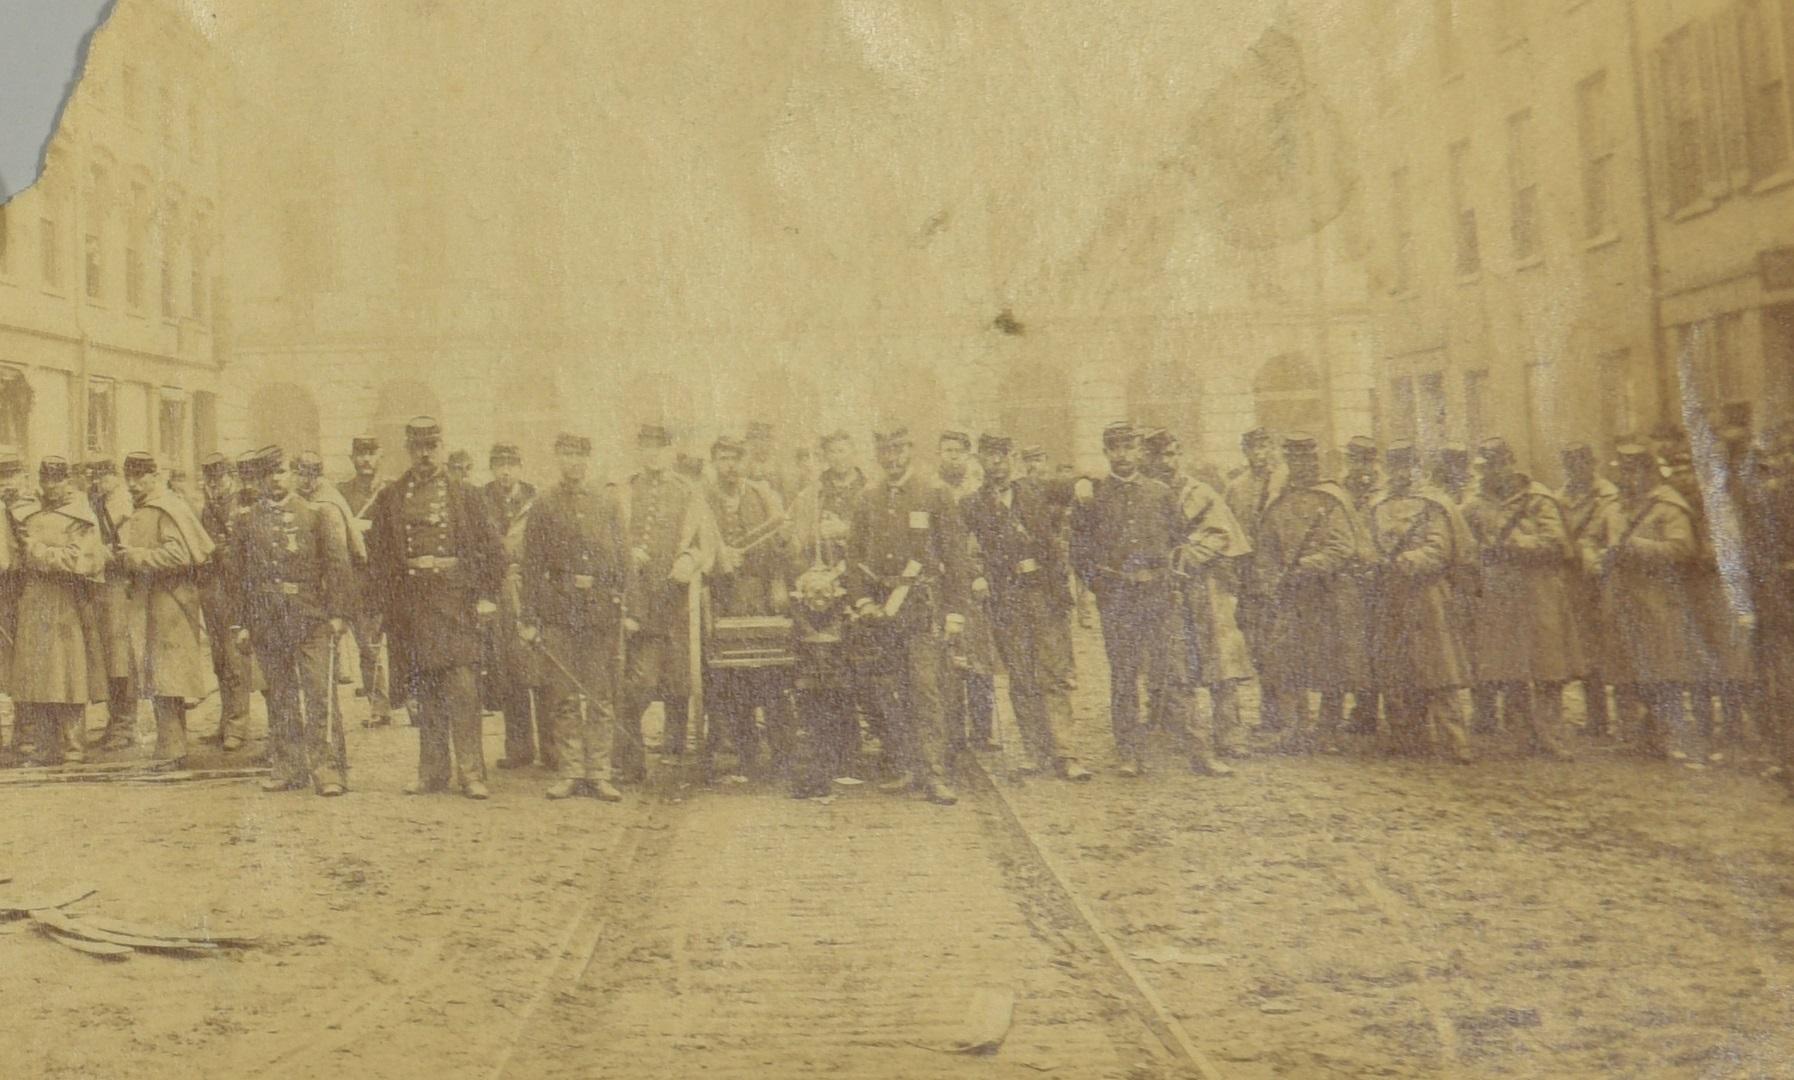 Cincinnati_riots_of_1884_6.jpg